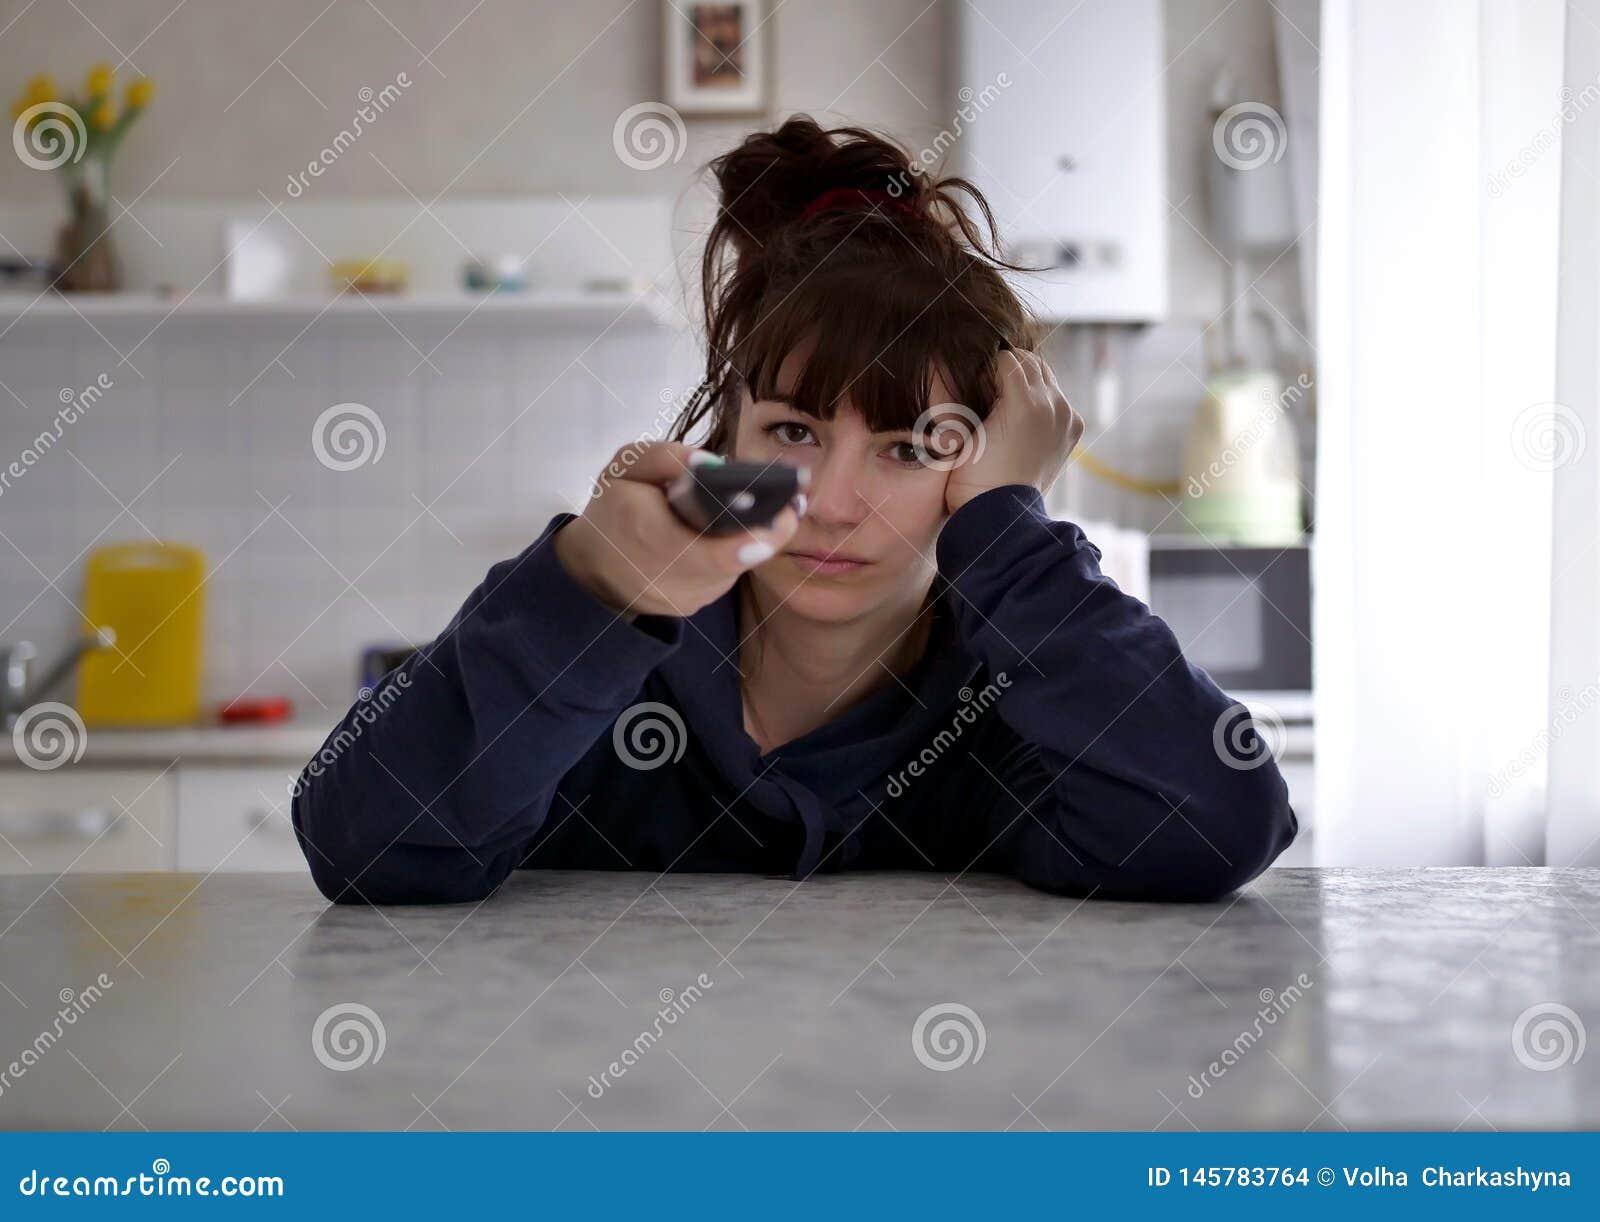 Eftertänksam ung kvinna som sitter med fjärrkontroll på en suddig bakgrund av köket